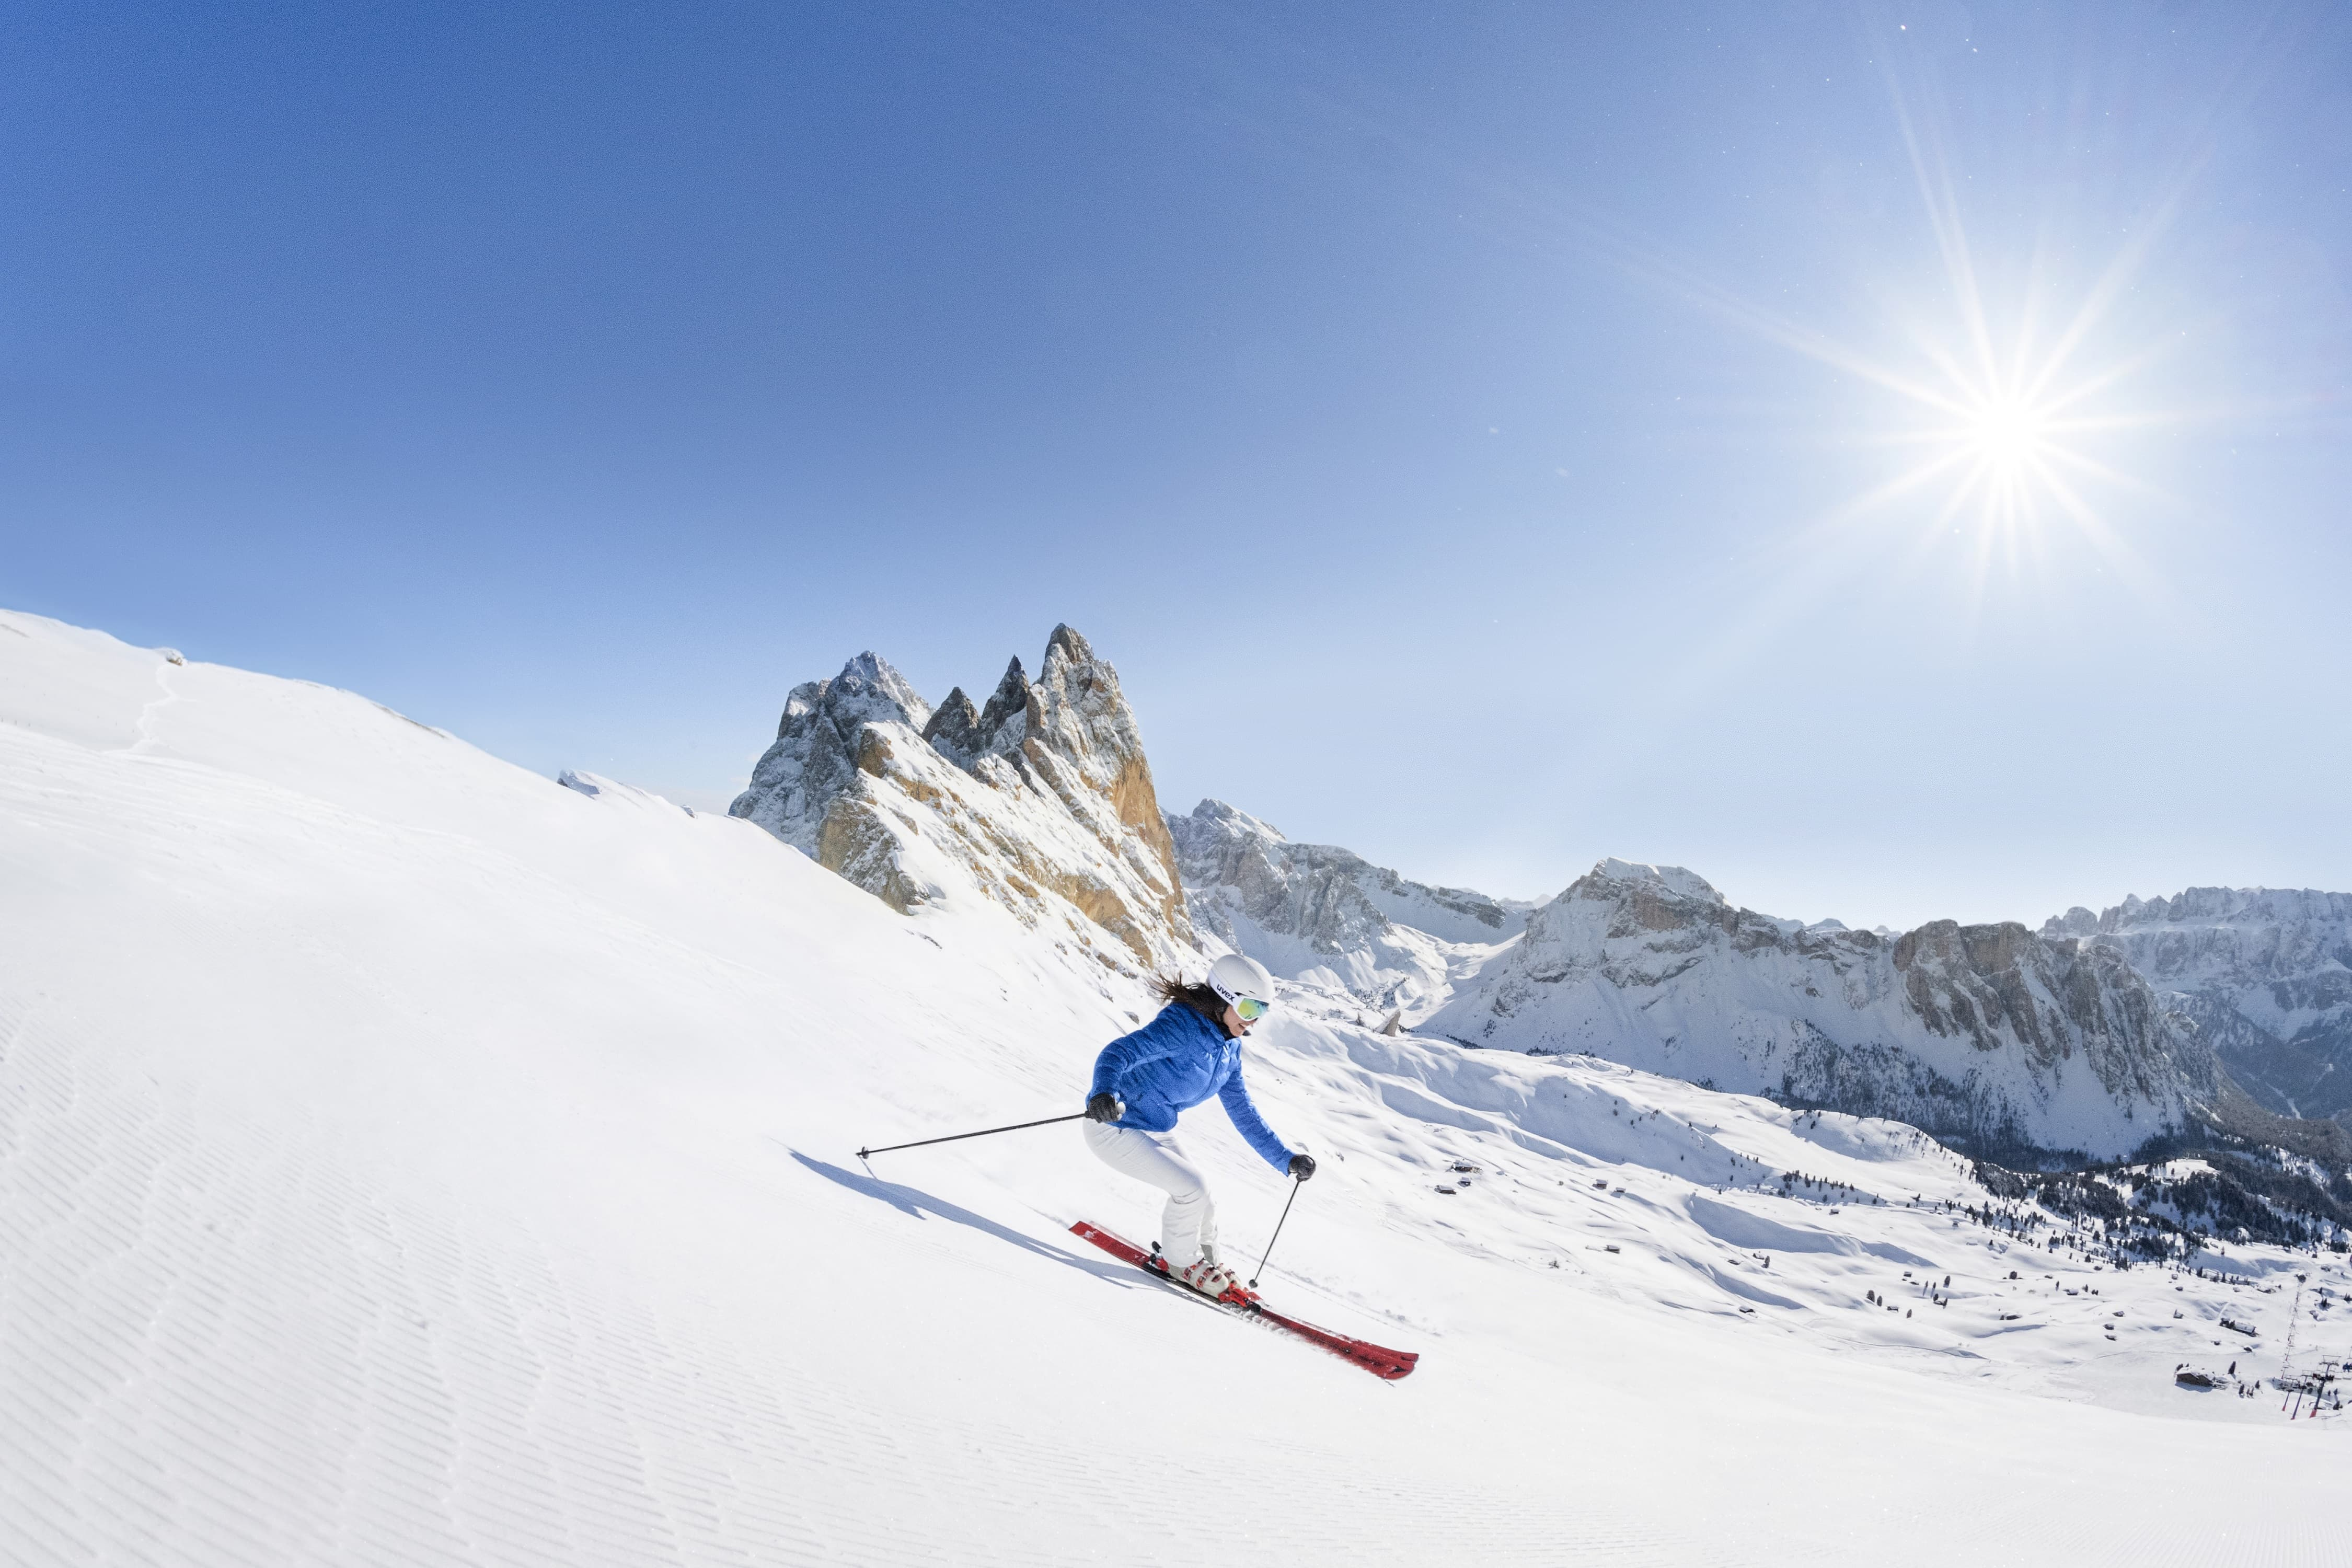 Cartina 3d Dolomiti.Dolomiti Superski E Coronavirus Rimborsi In Caso Di Lockdown E Soluzioni Per Sciare In Sicurezza Nell Inverno 2020 2021 Dolomiti Review